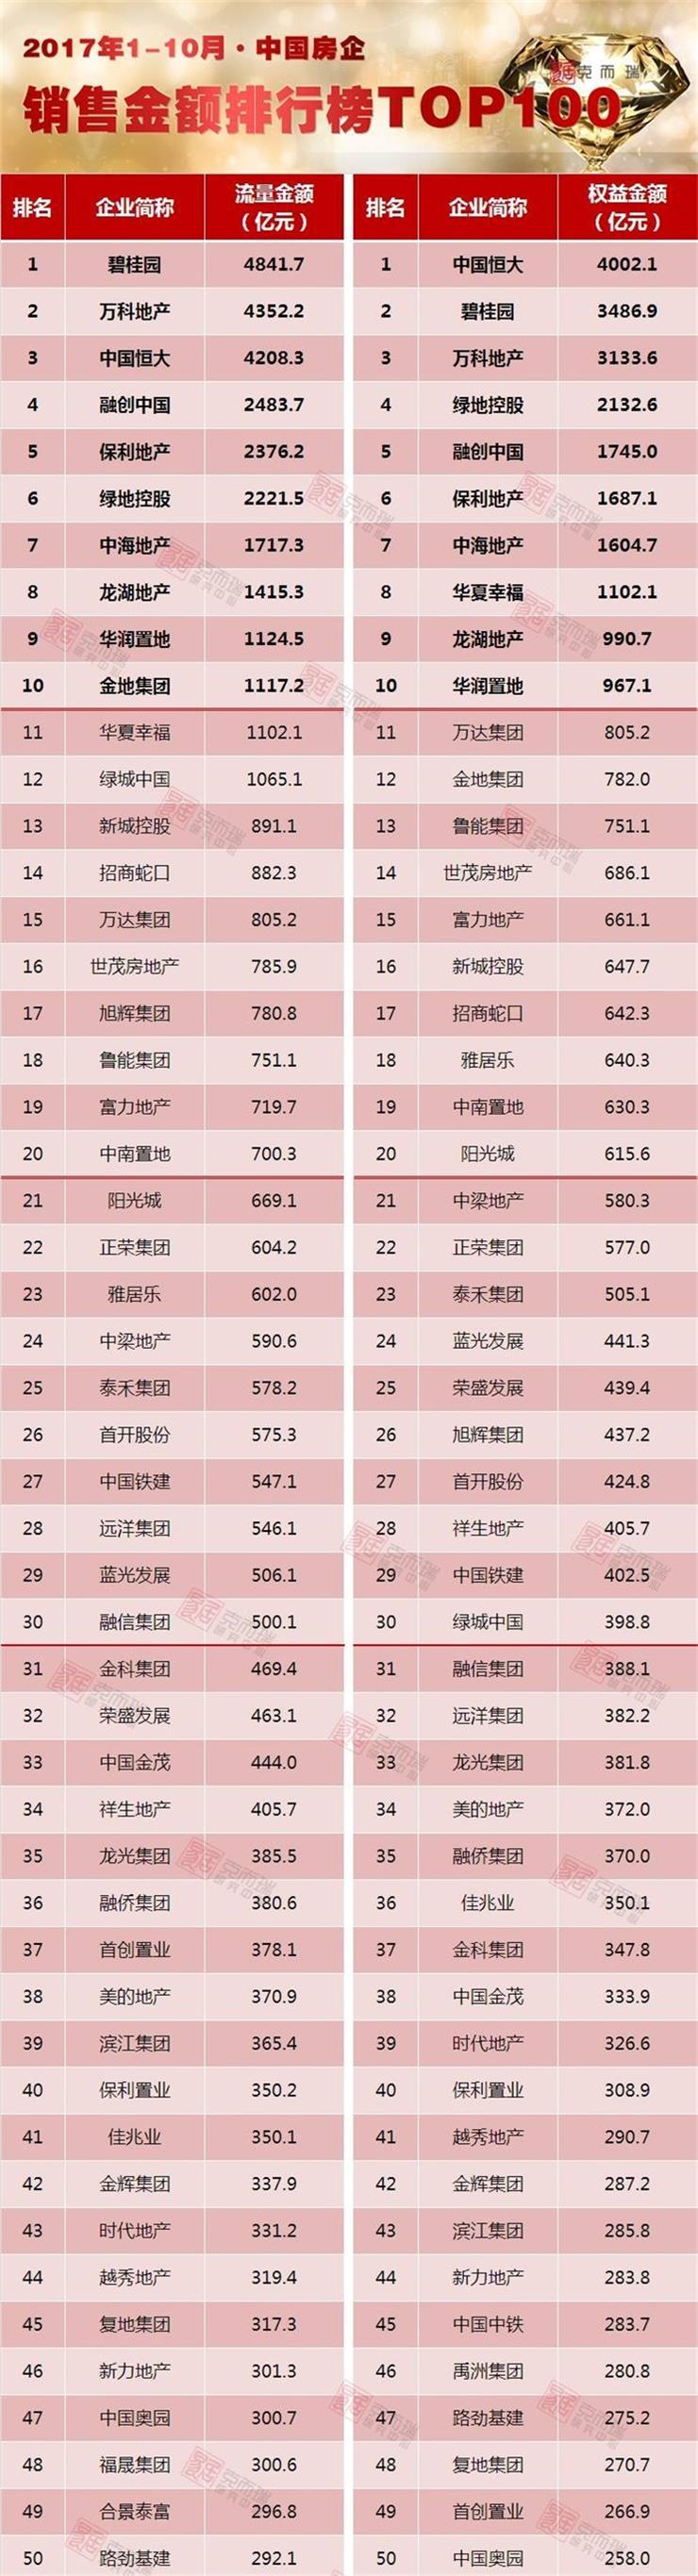 《2017年1-10月中国房地产企业销售TOP100》排行榜发布